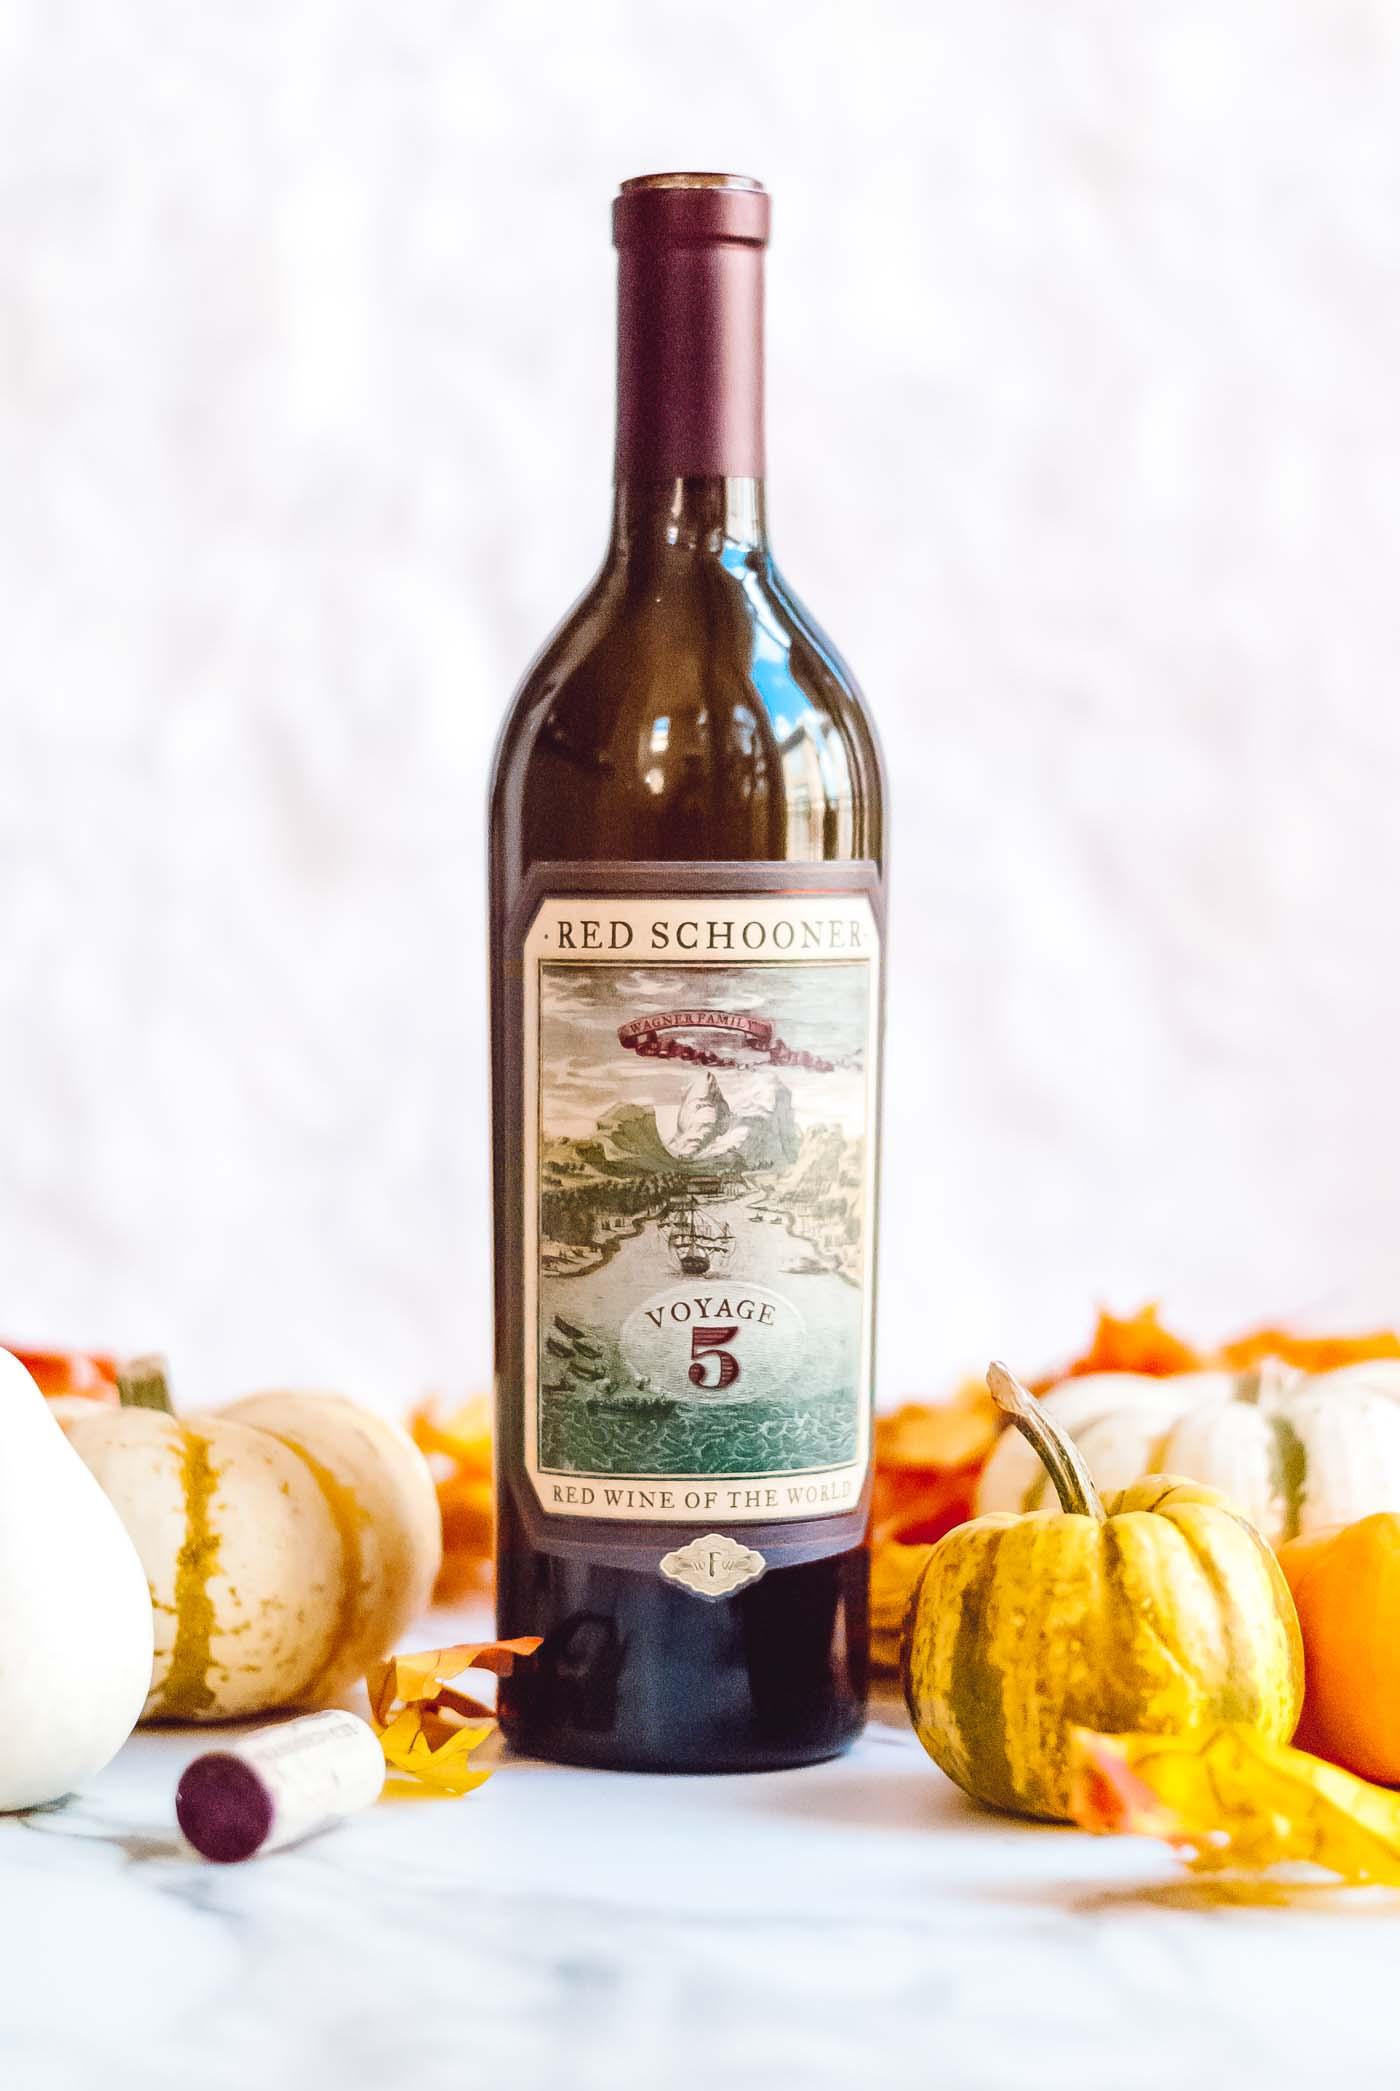 red schooner wine bottle